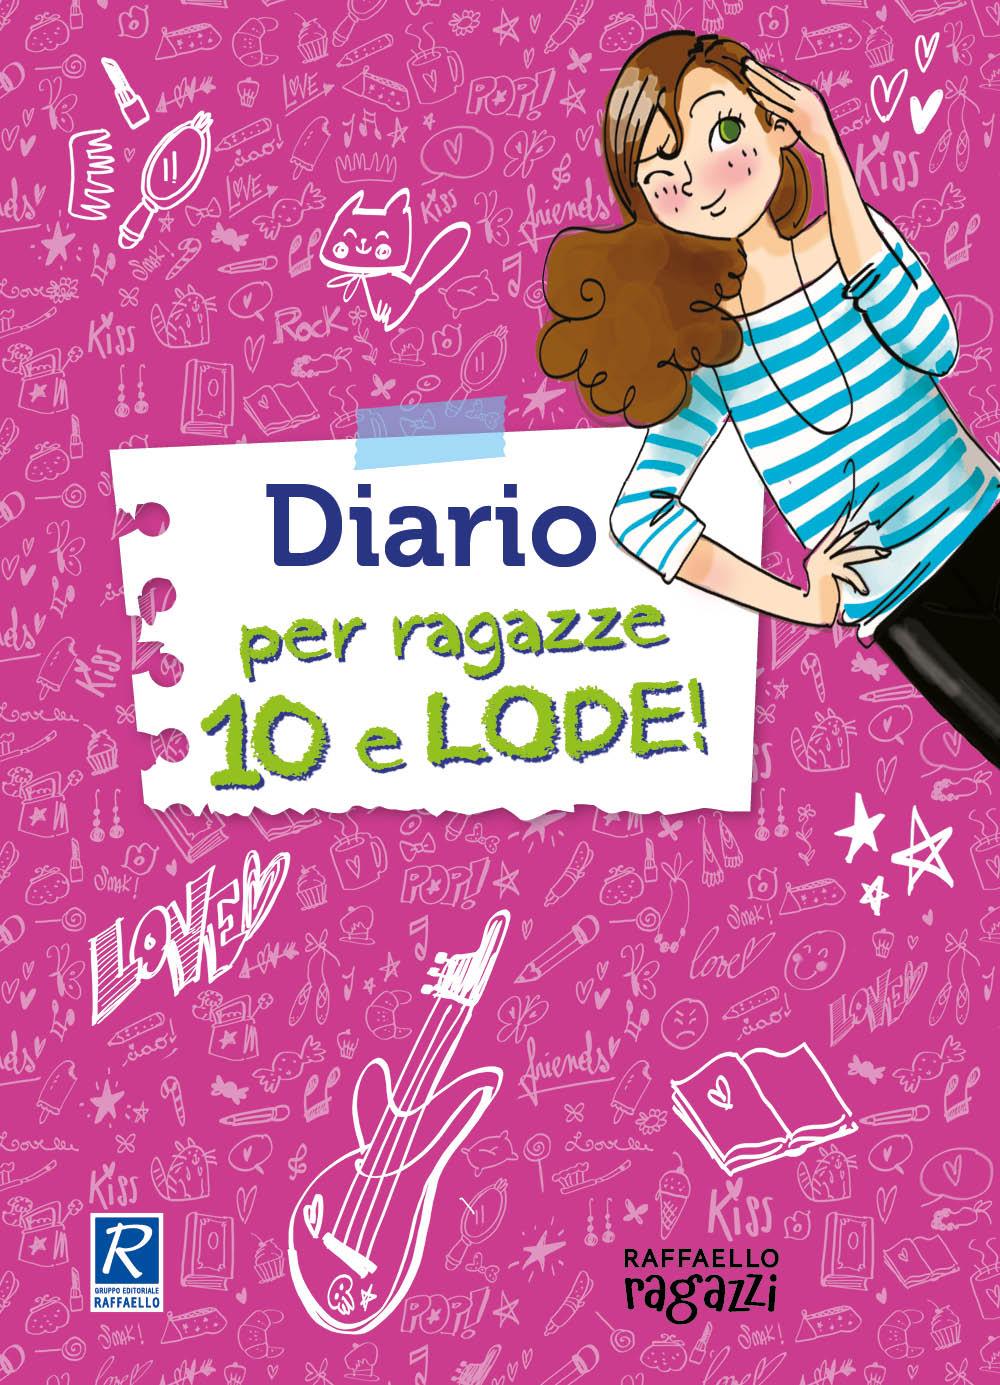 Diario per ragazze 10 e lode